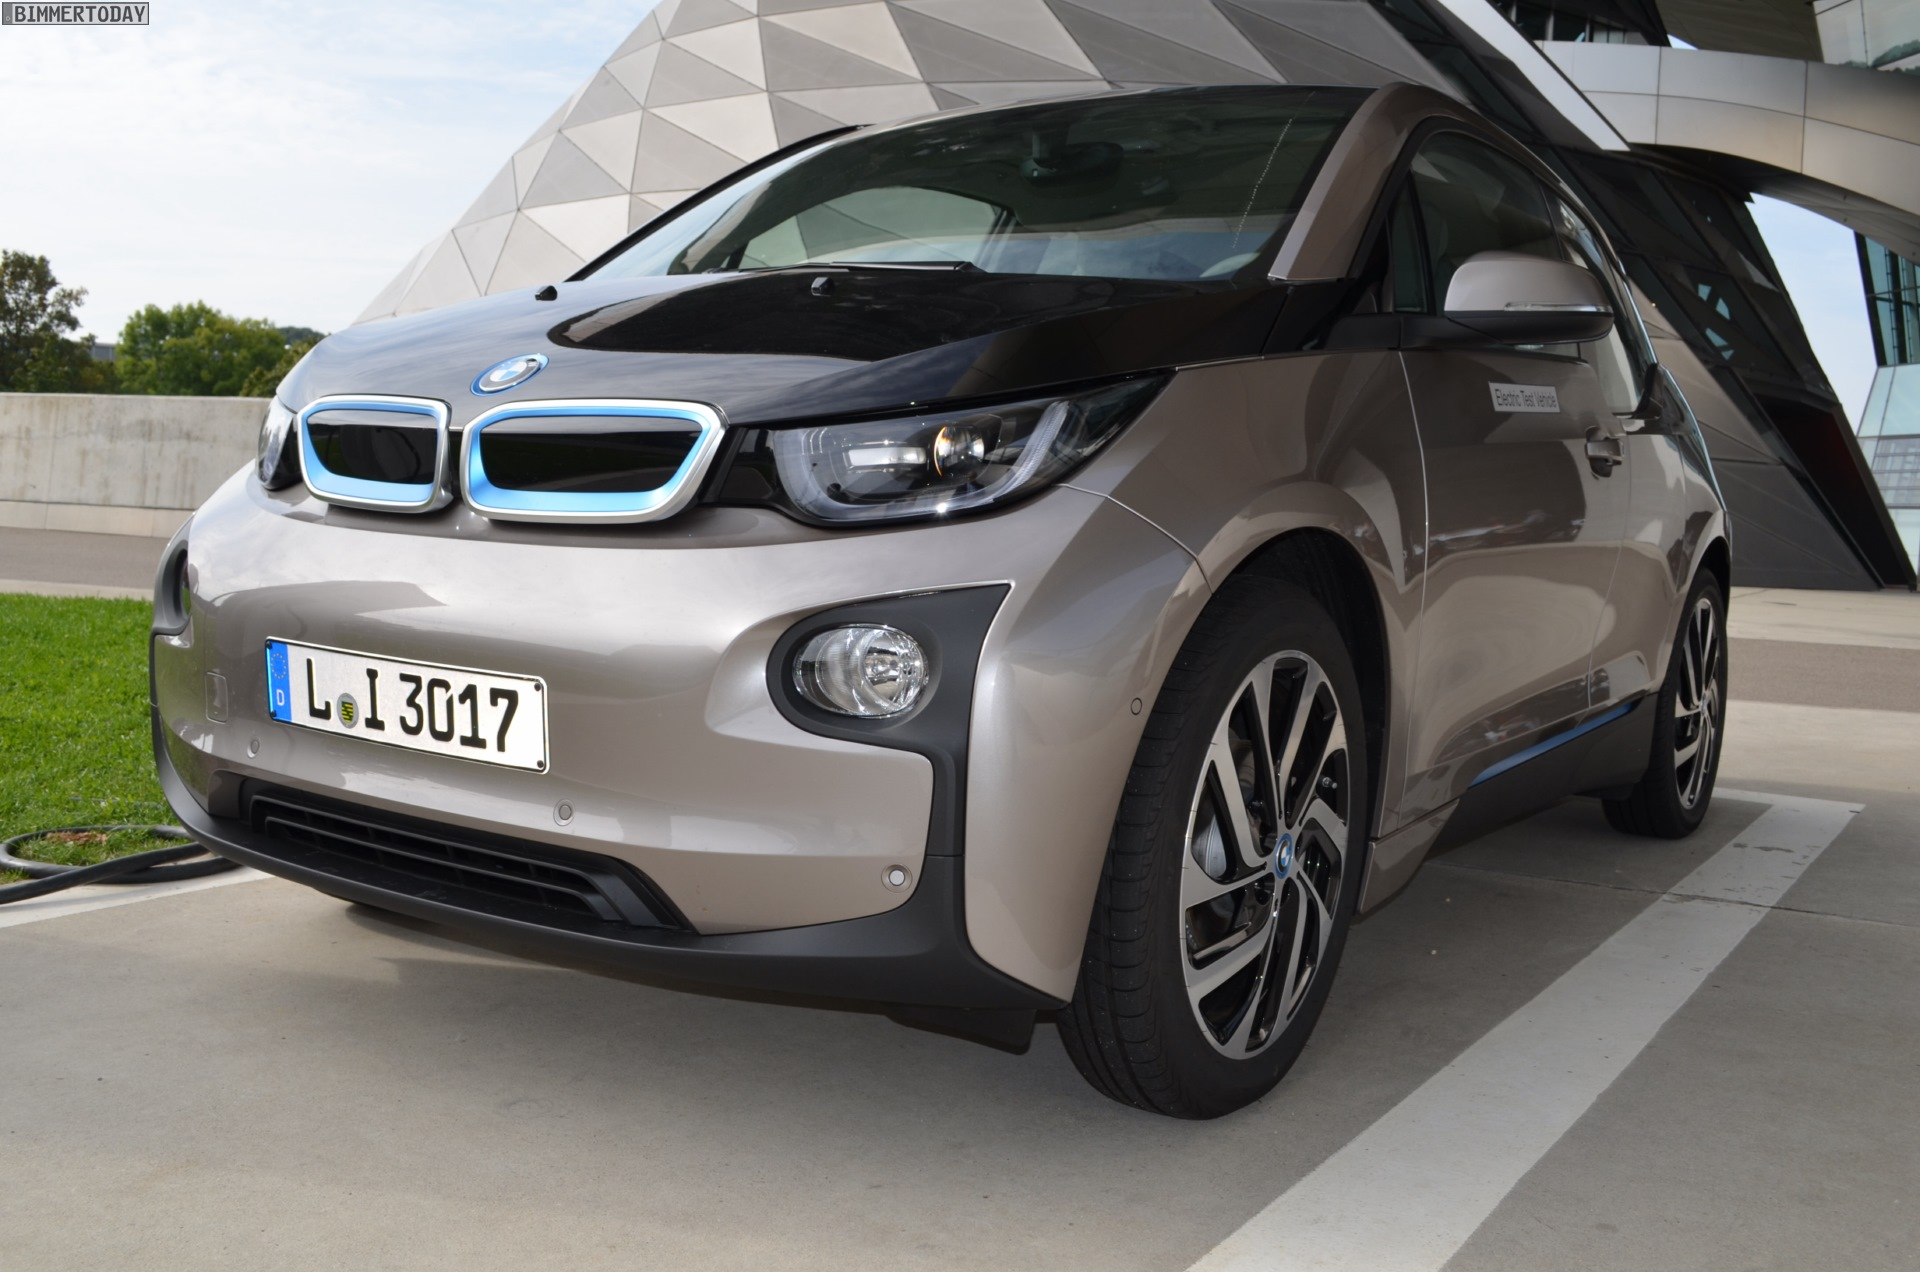 bmw i3 elektroauto mit carbon fahrgastzelle in der bmw welt. Black Bedroom Furniture Sets. Home Design Ideas